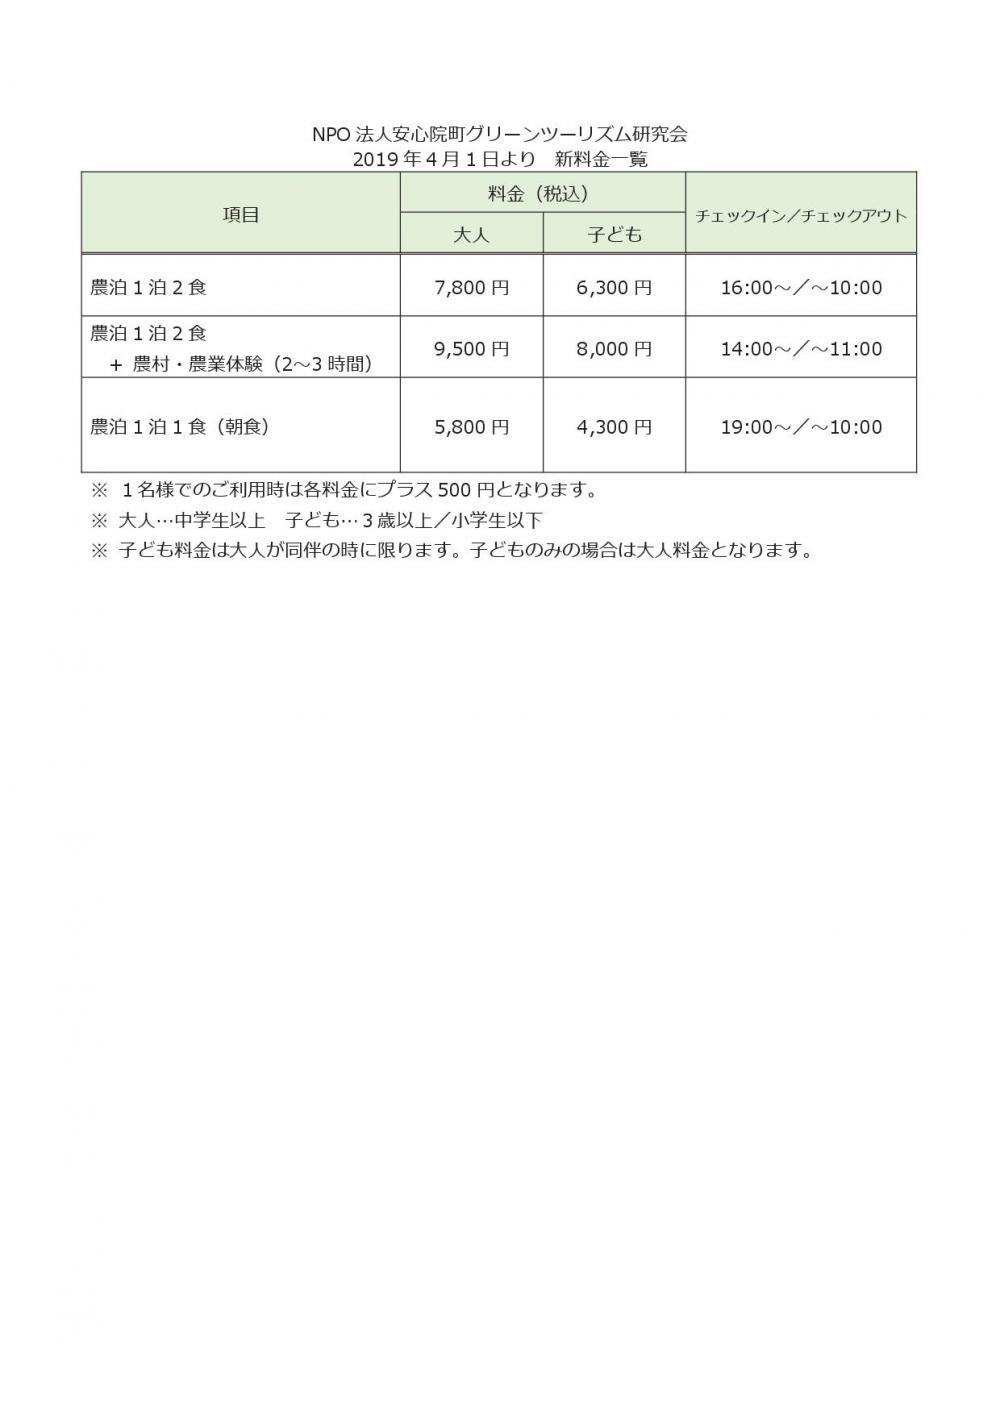 農泊料金改定(2)